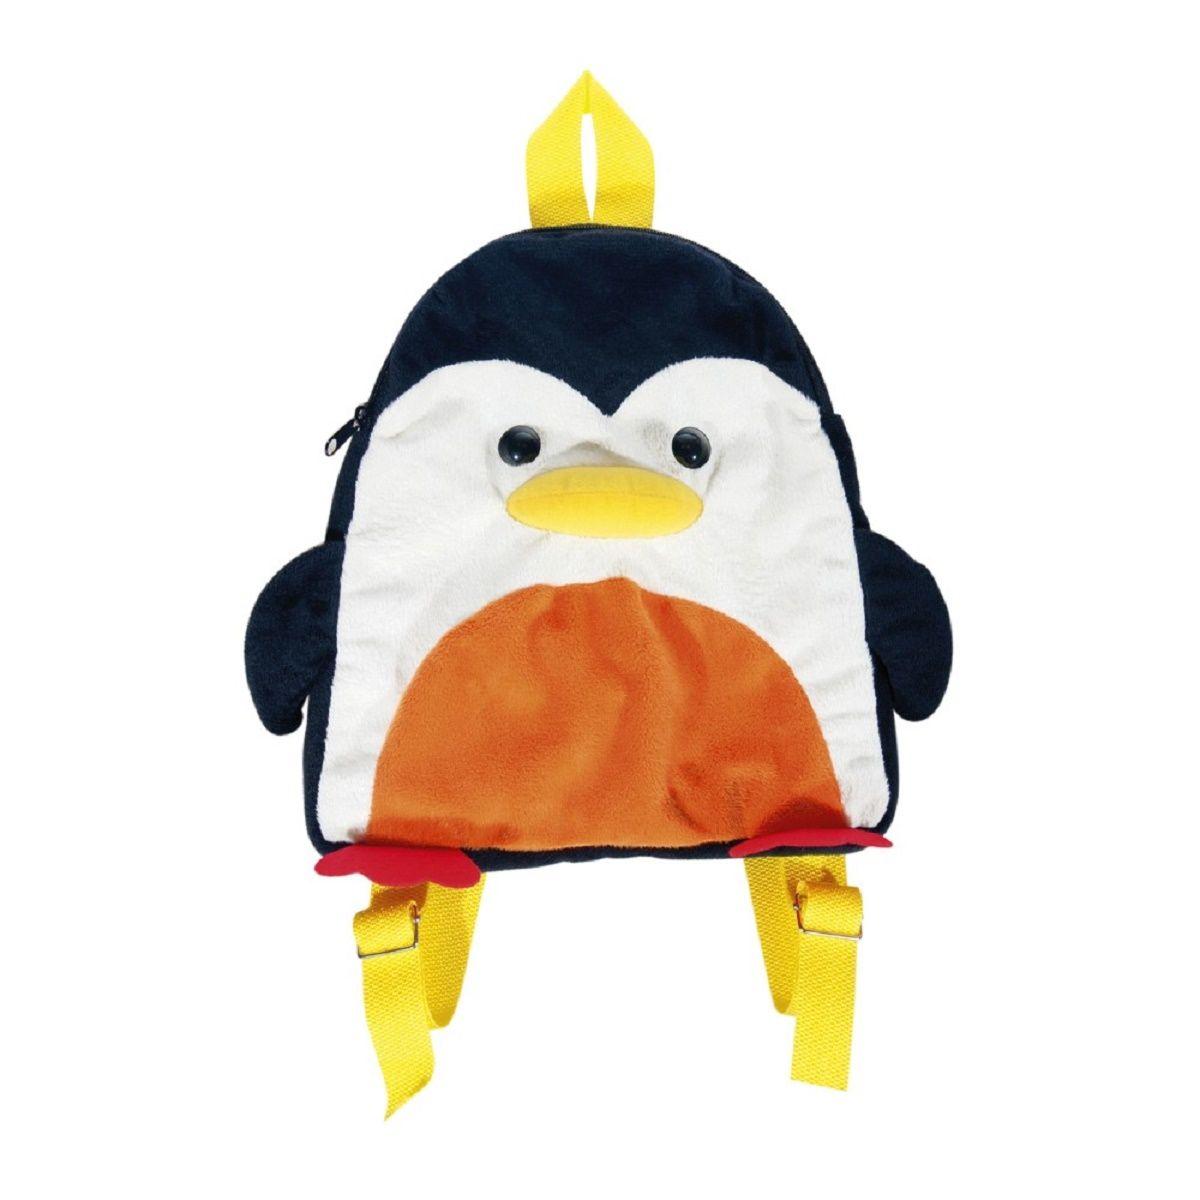 Fancy Мягкая игрушка-рюкзак Пингвин